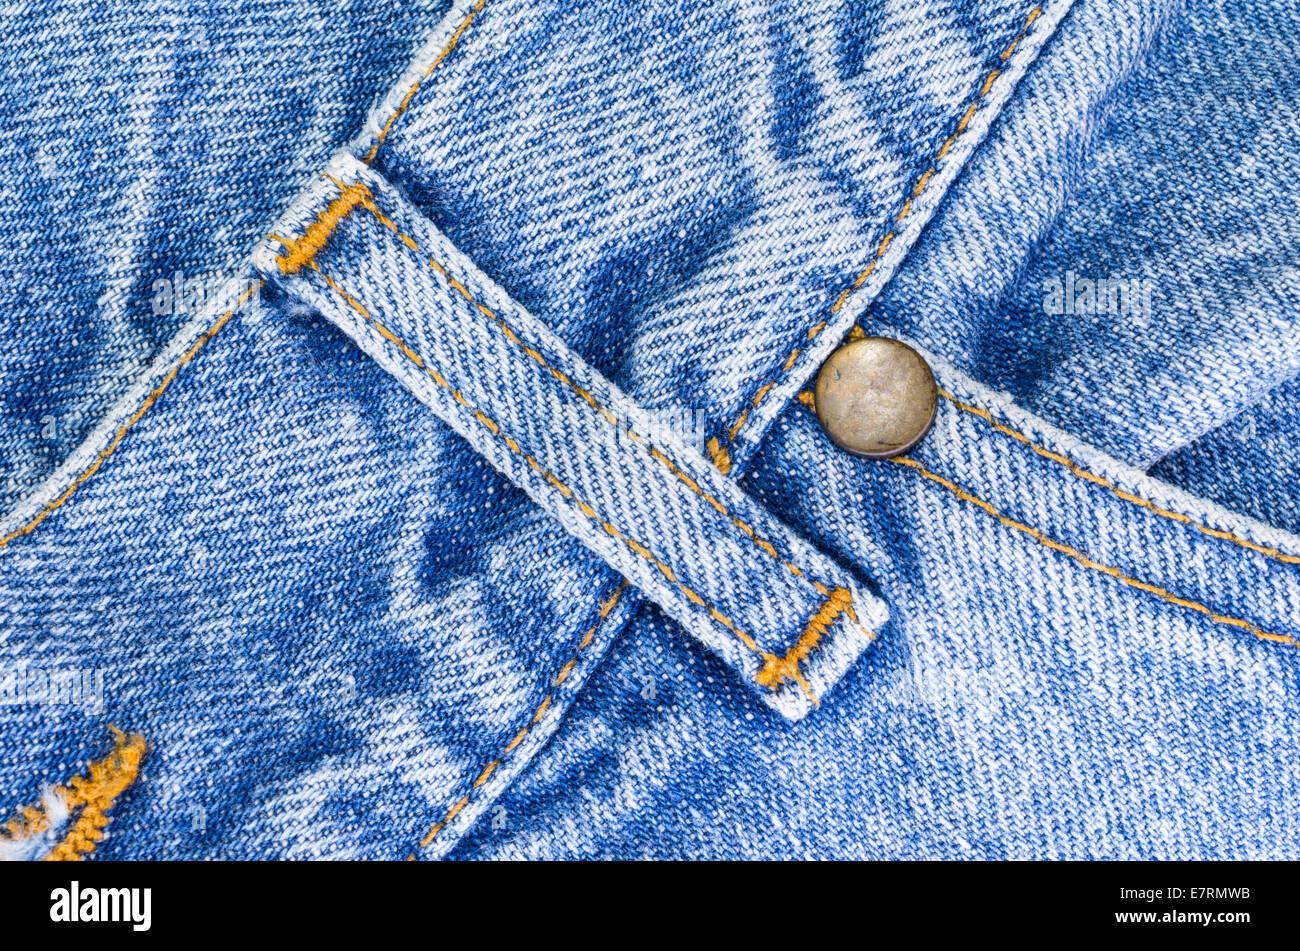 jeans pants details - Stock Image